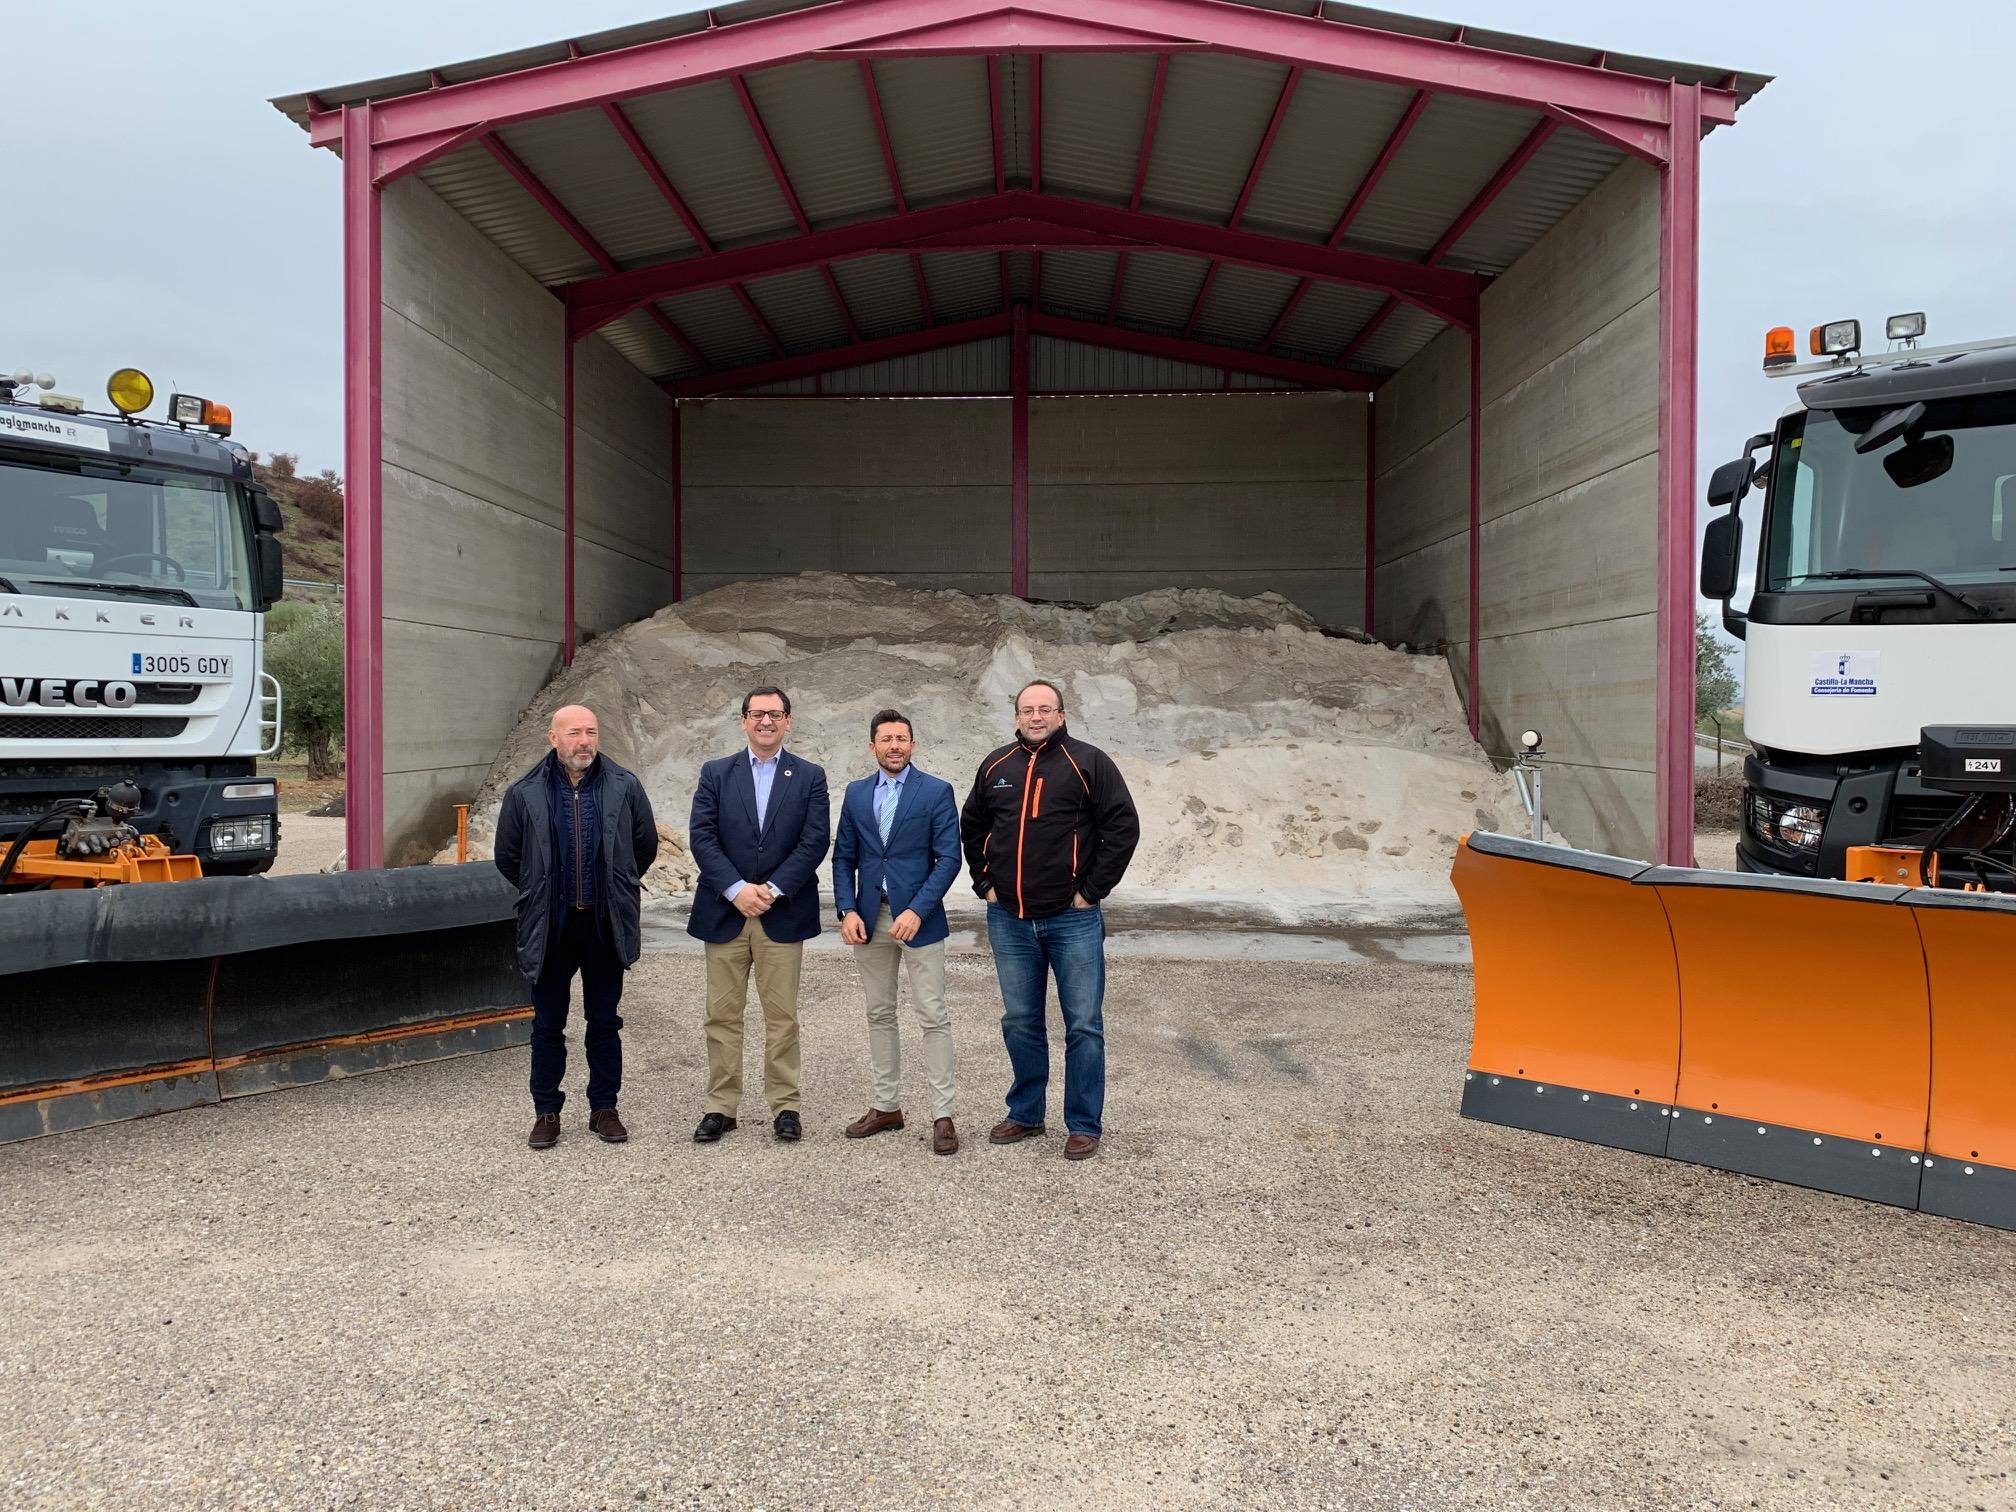 El Plan de Vialidad Invernal abarca en Toledo una extensión de 2.000 kilómetros de carreteras de la red autonómica y una previsión de 3.200 toneladas de sal